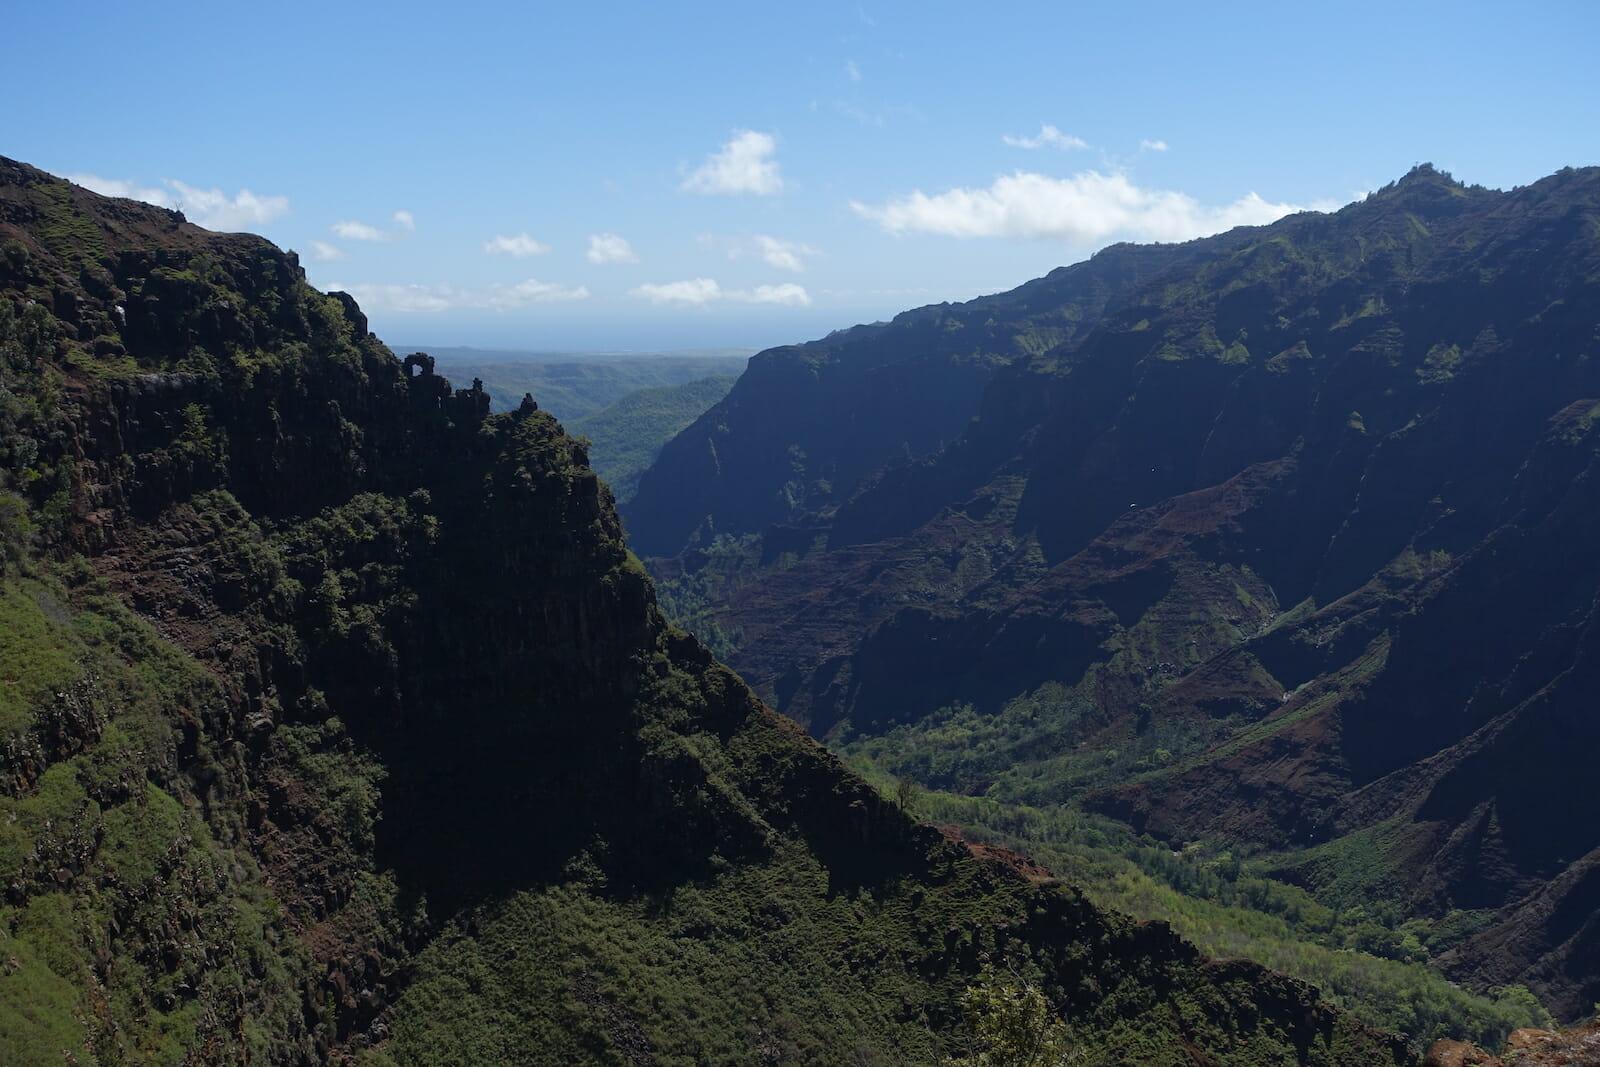 Waimea Canyon from the Canyon Trail